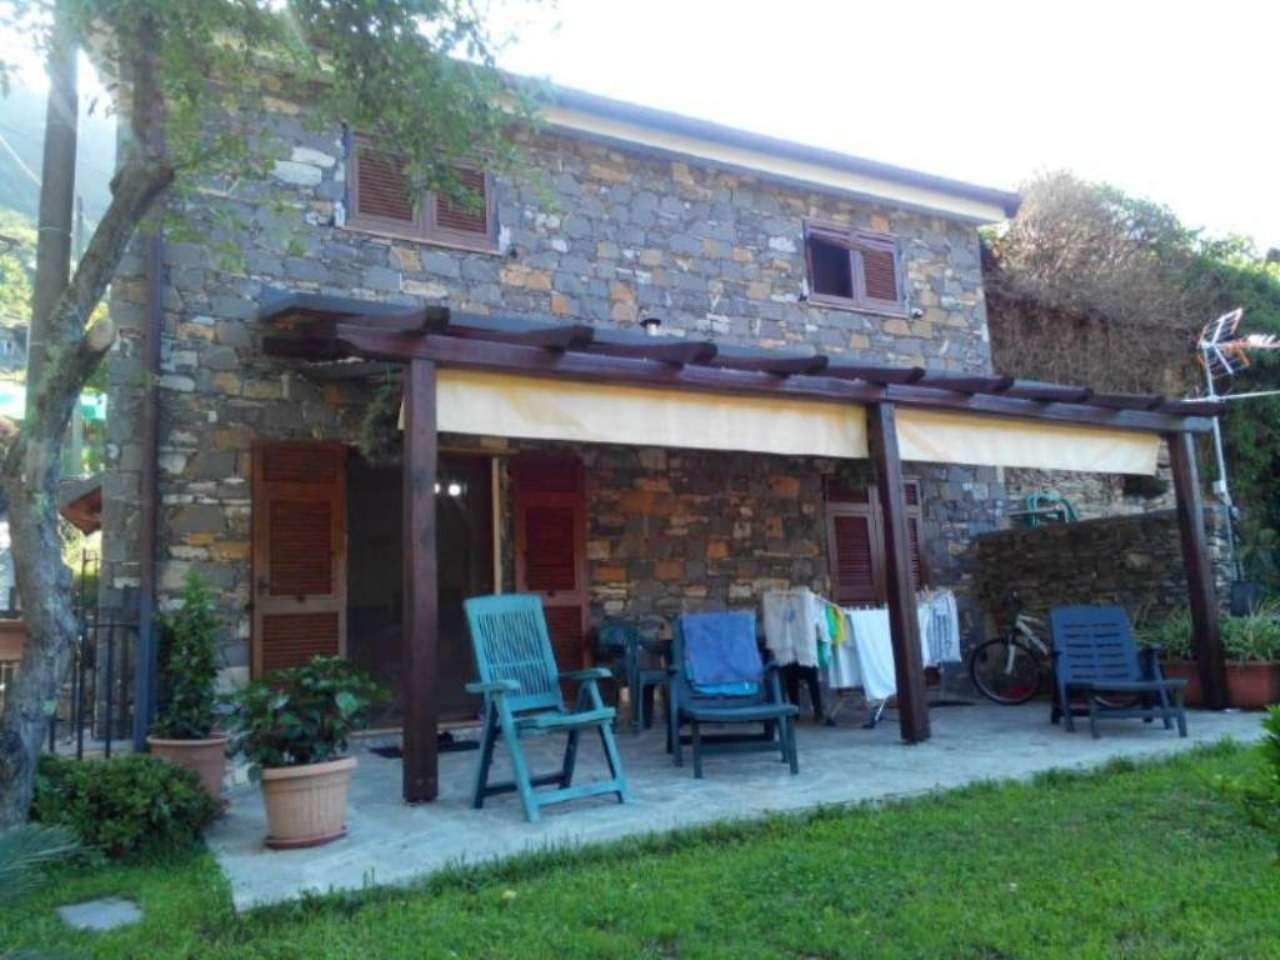 Soluzione Indipendente in vendita a Rapallo, 4 locali, prezzo € 340.000 | Cambio Casa.it